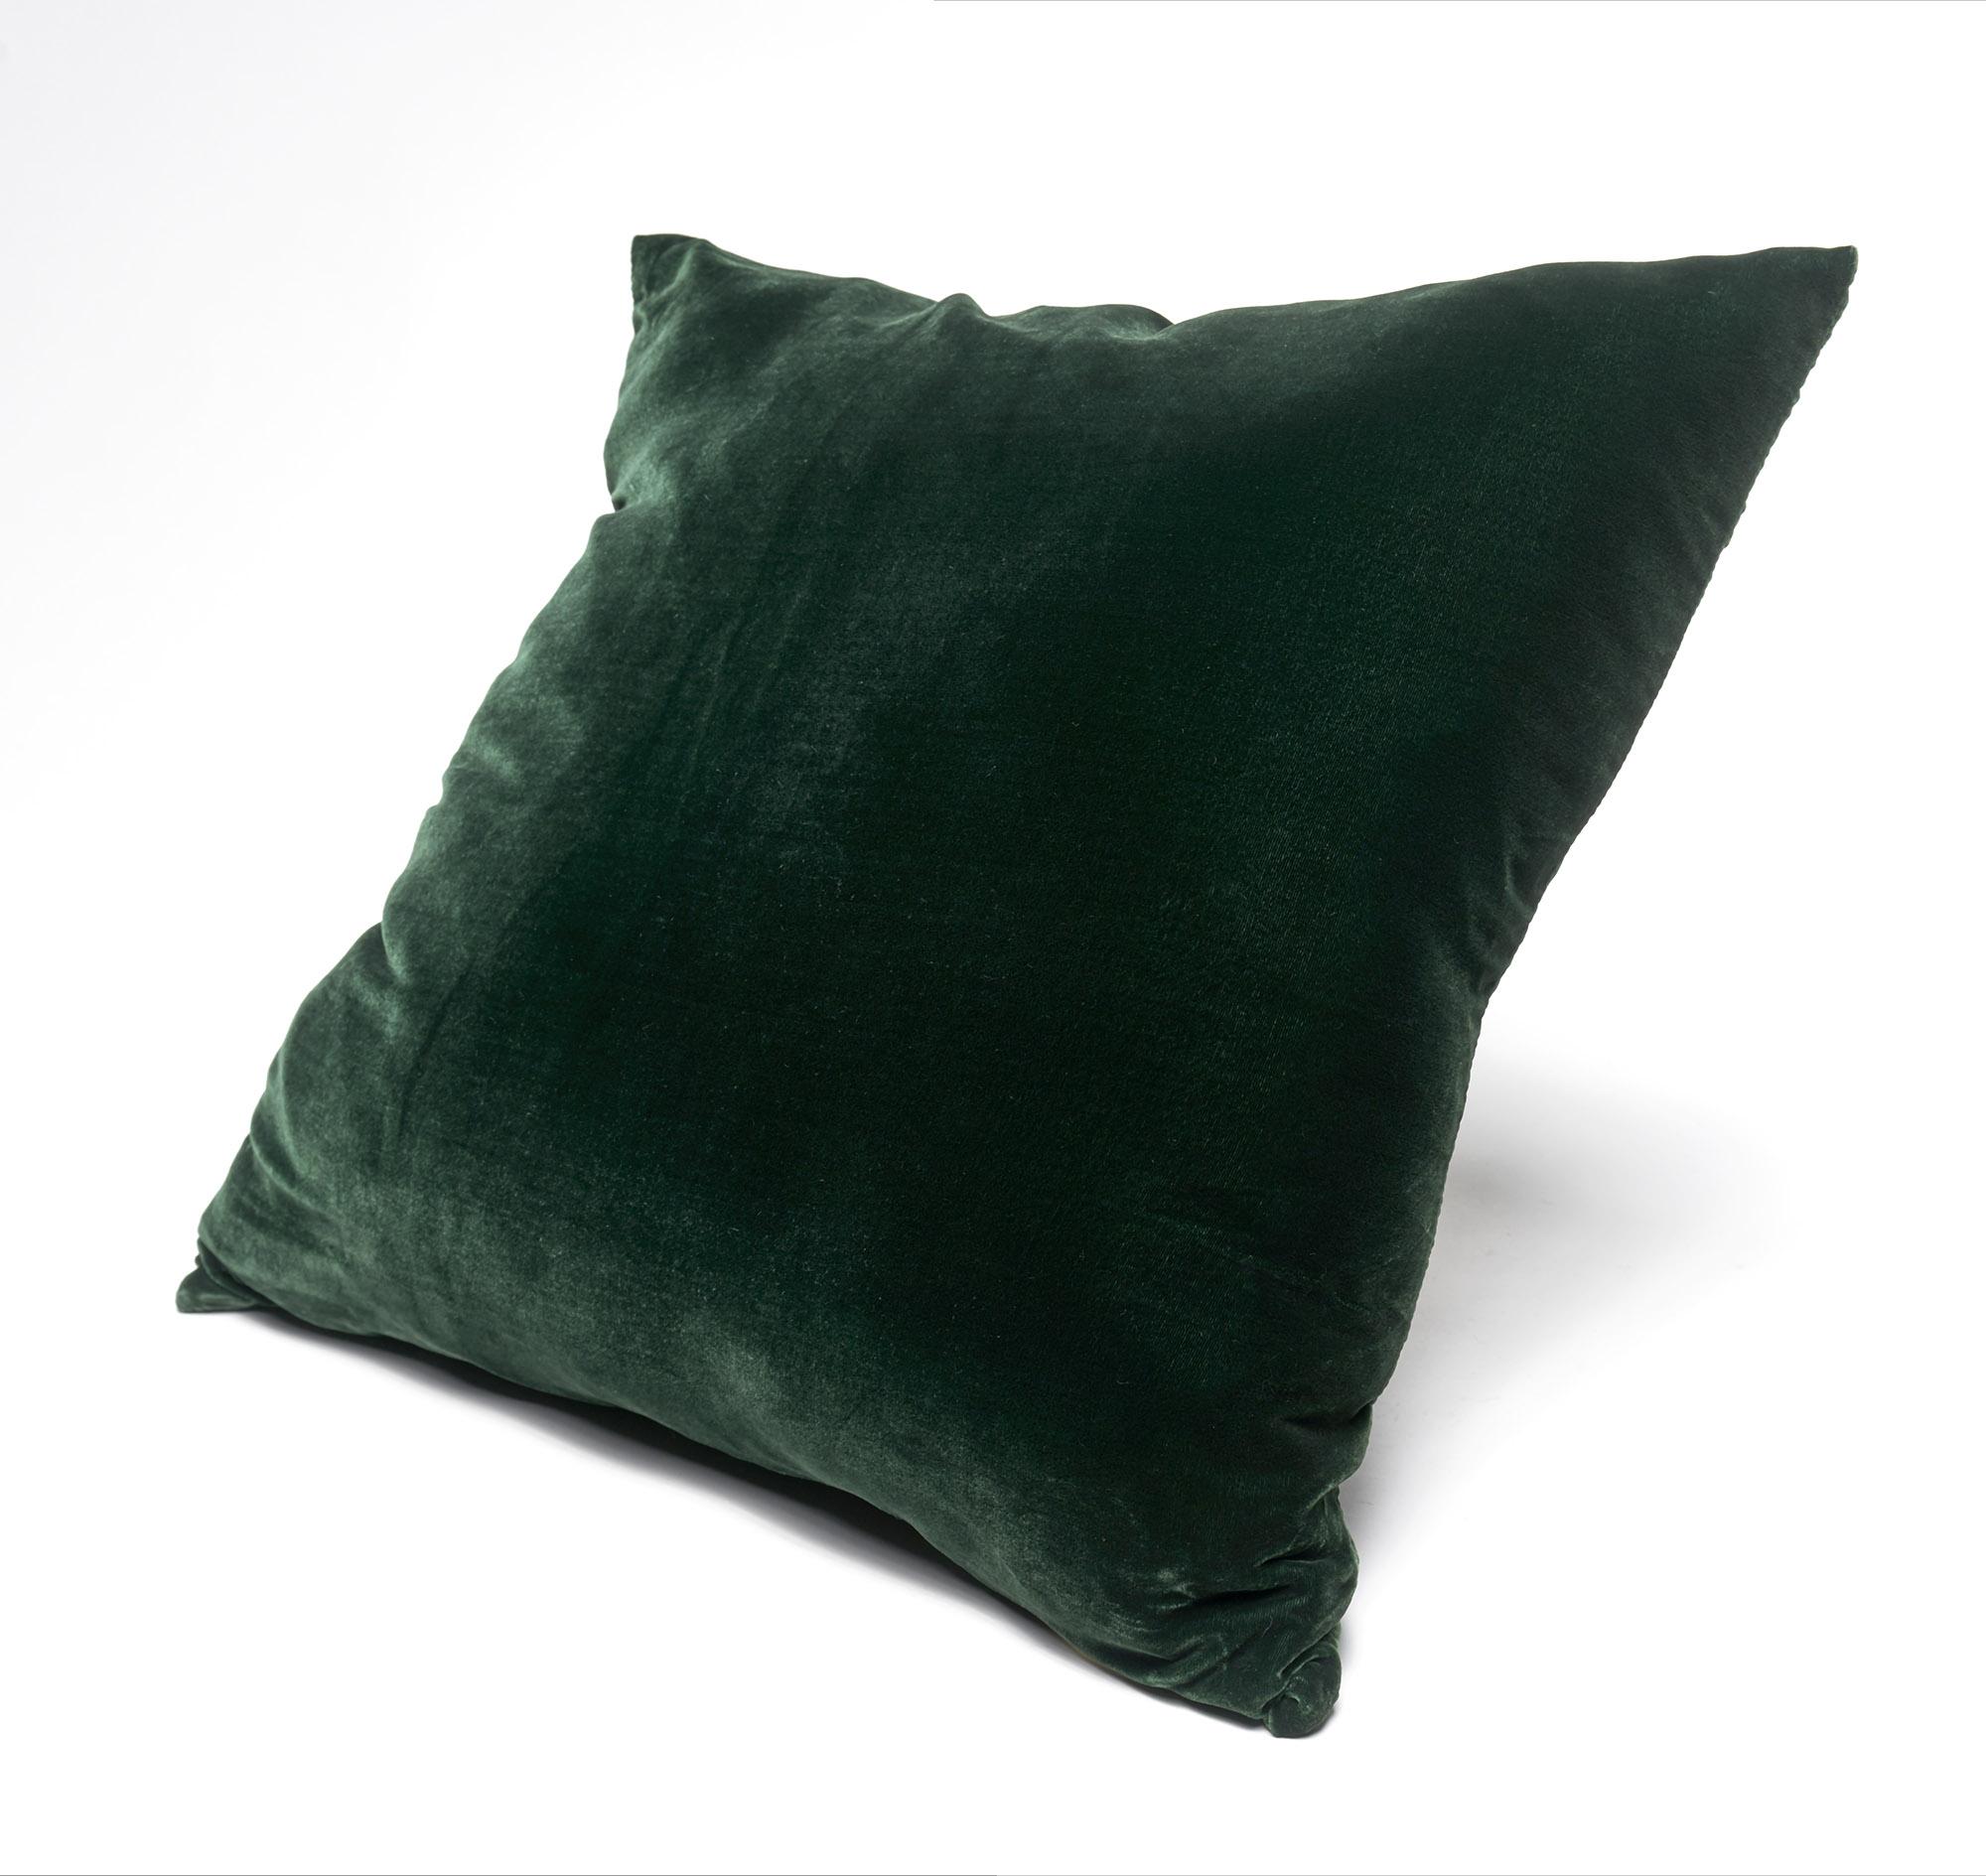 Almohadón de terciopelo, cuadrado, verde inglés